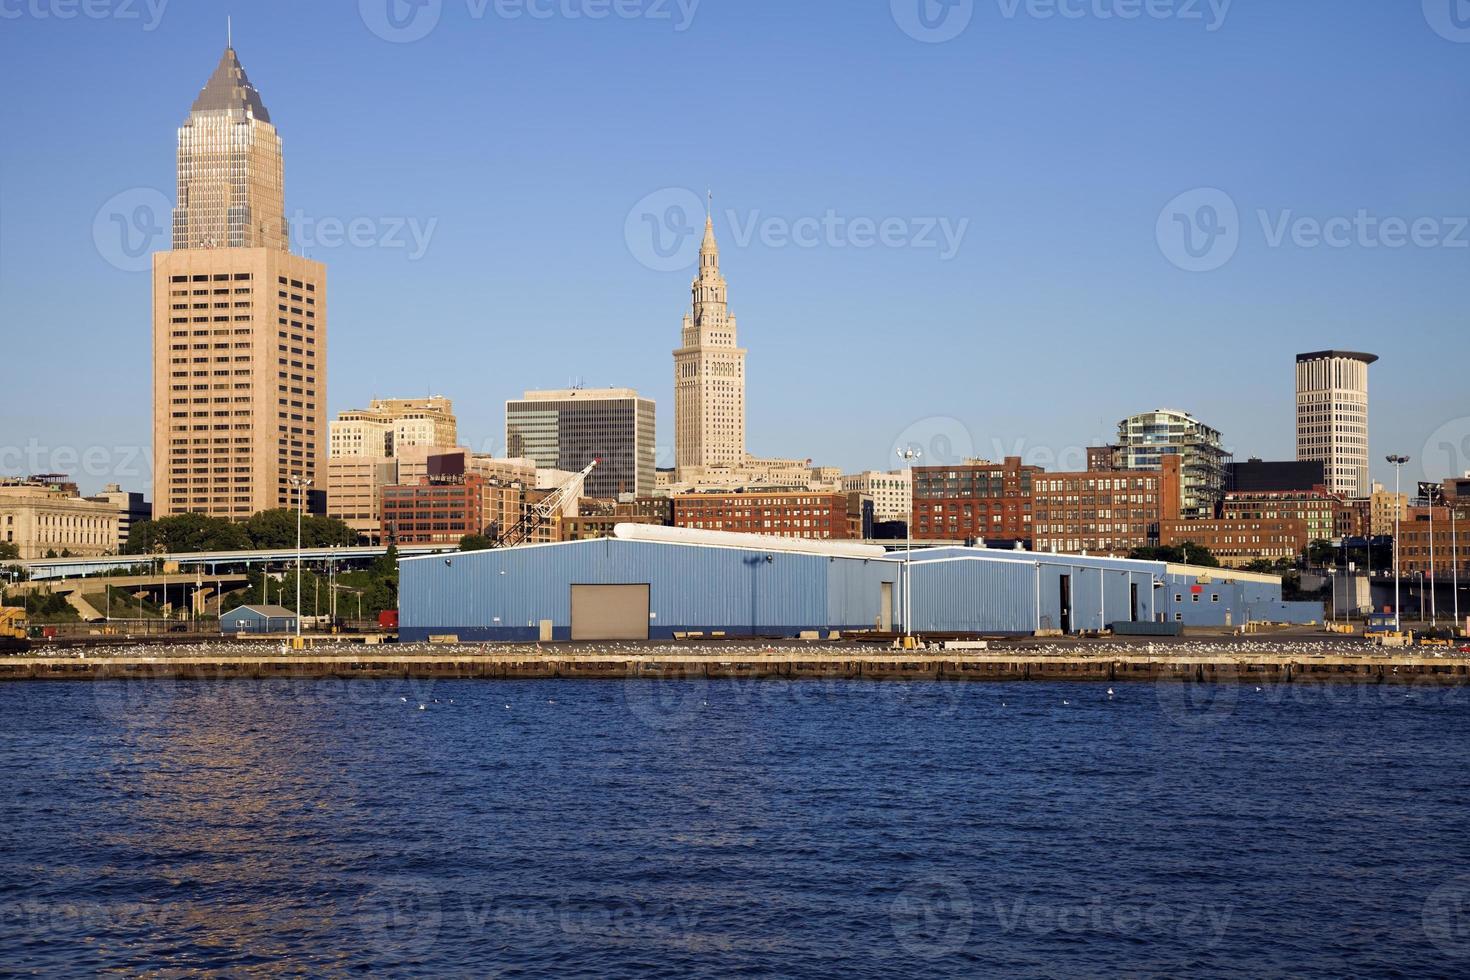 Cleveland Gebäude vom See aus gesehen foto